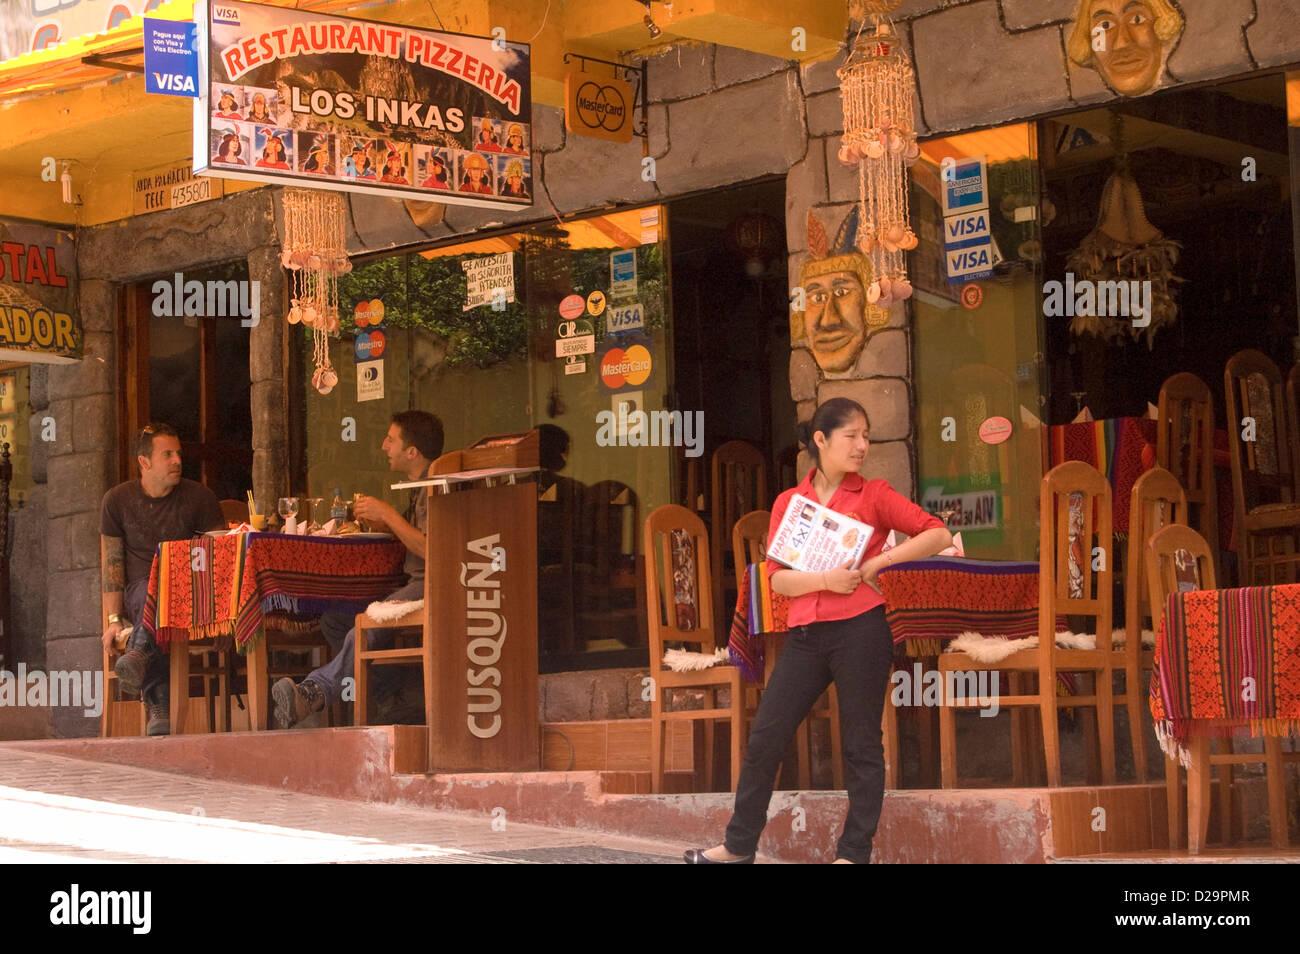 Agua Caliente (Macchu Picchu) Restaurant, Peru - Stock Image